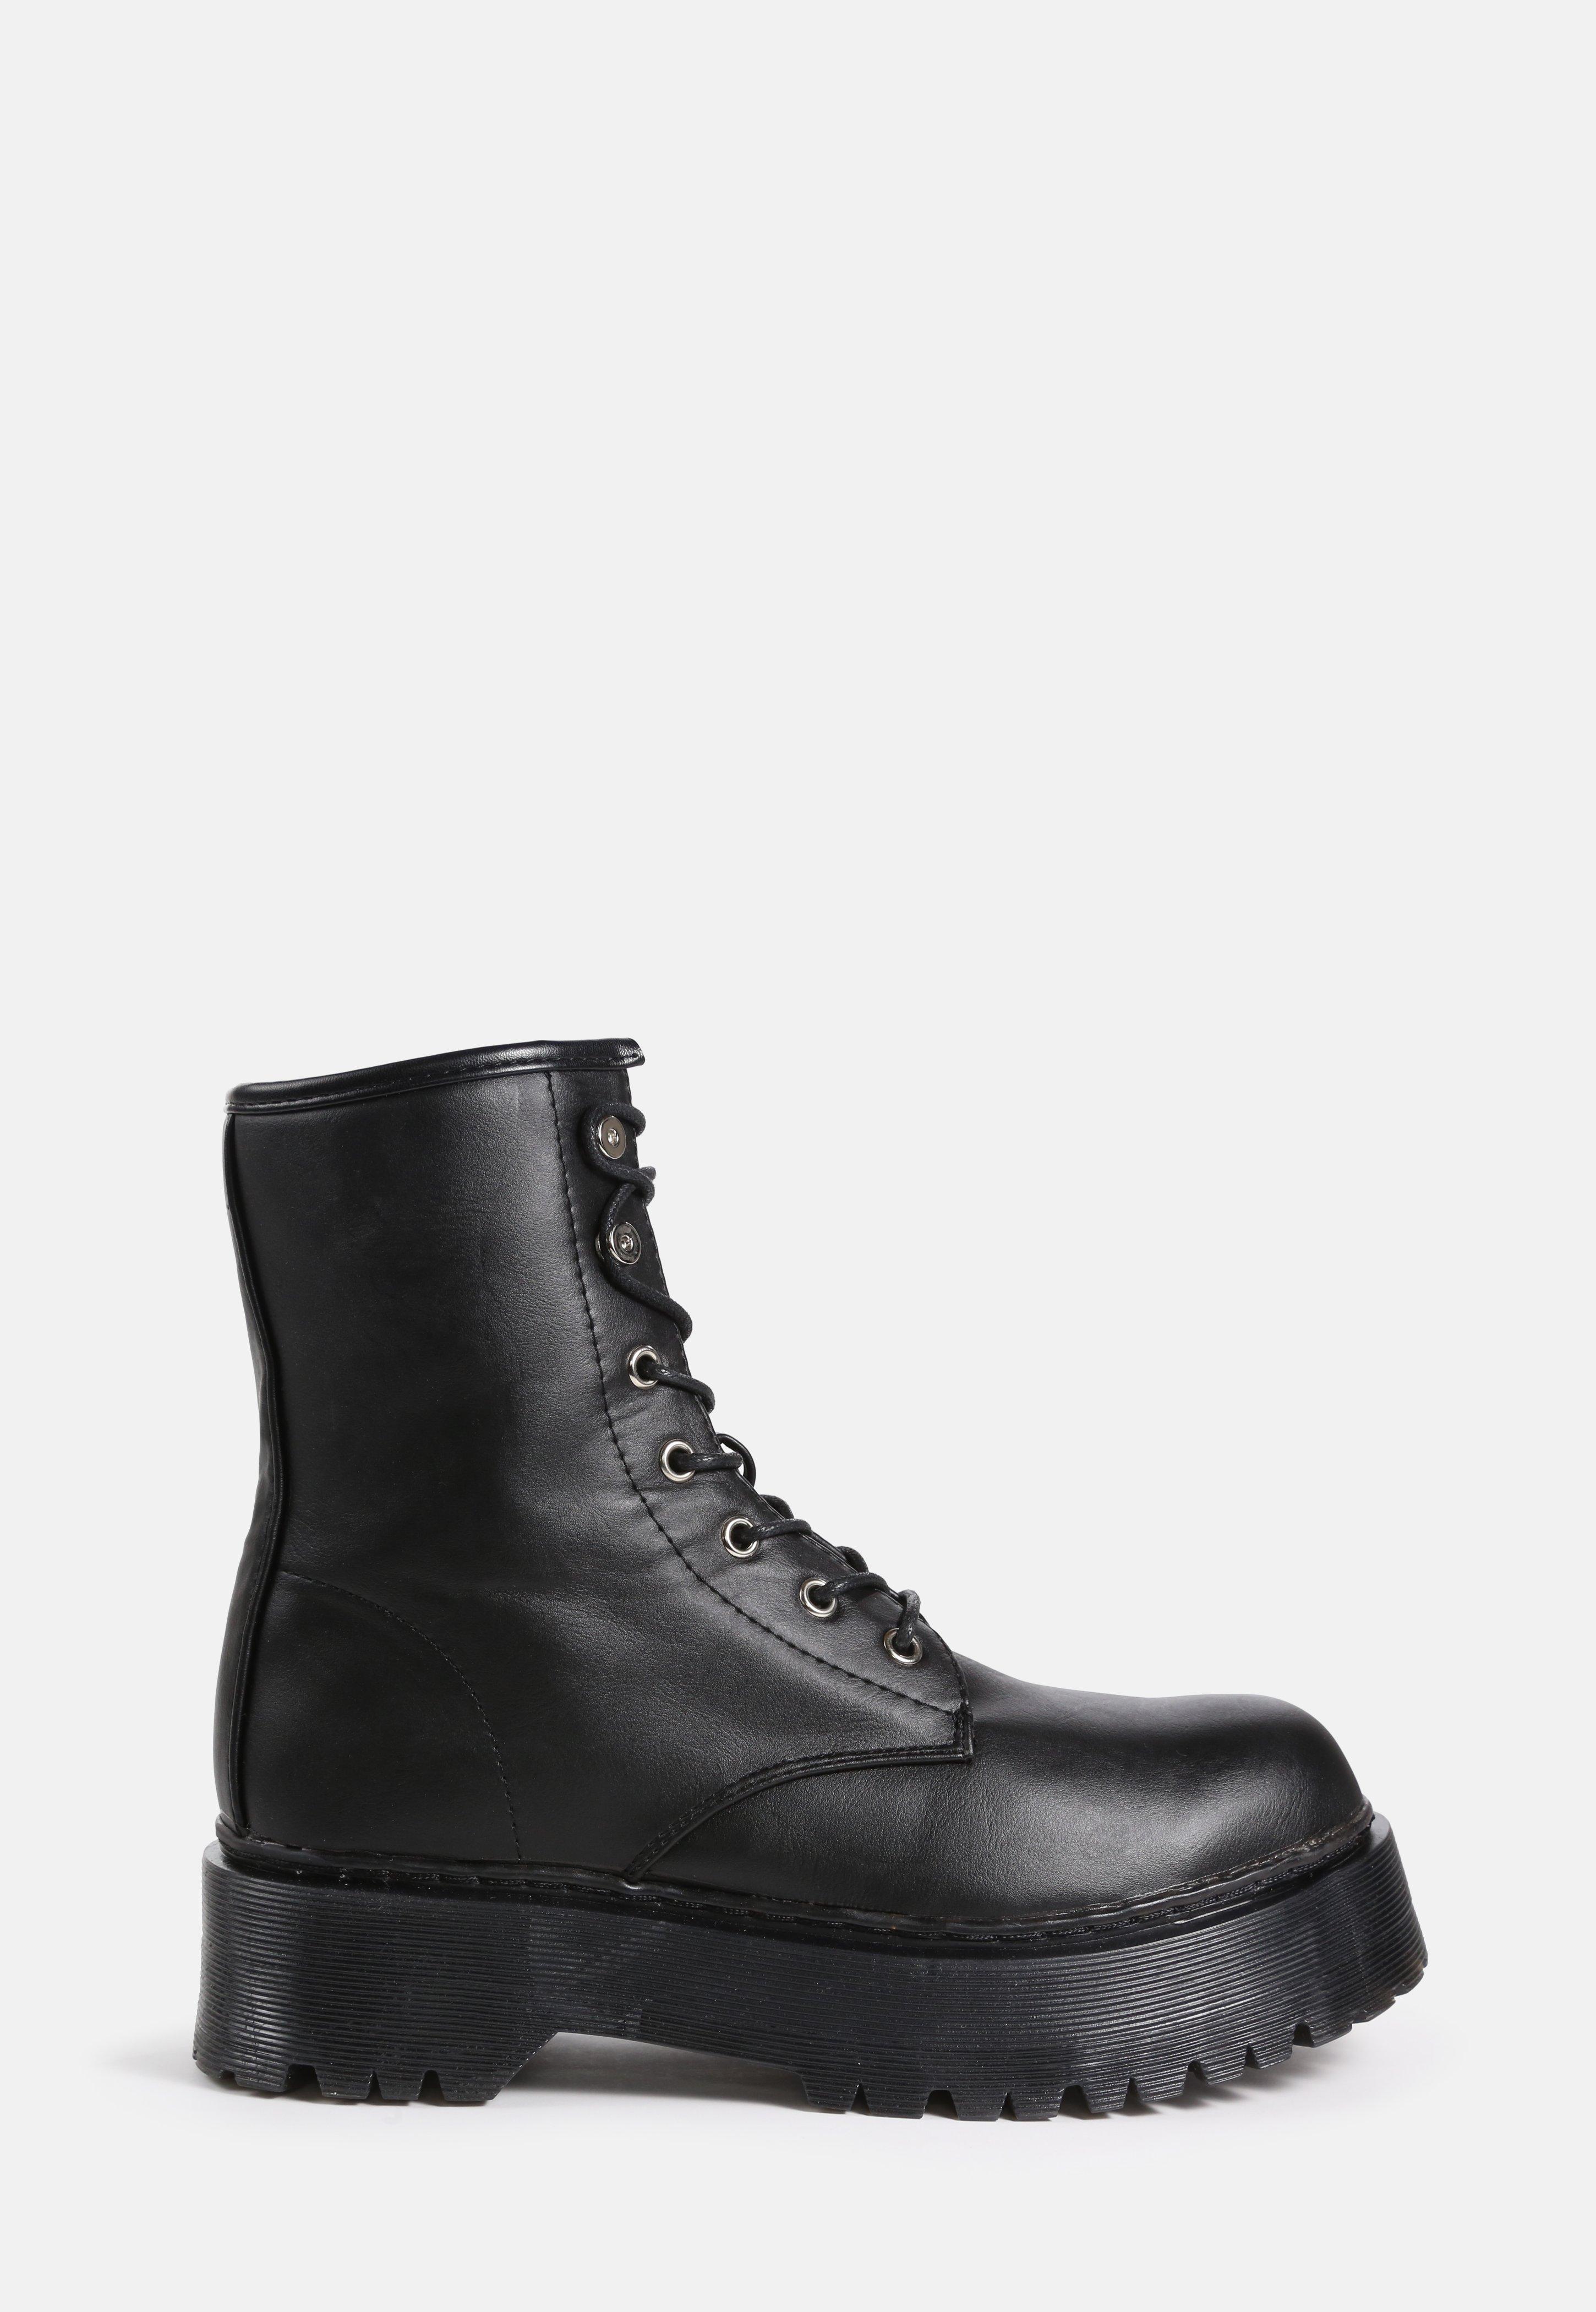 c77c82c4c34 Shoes